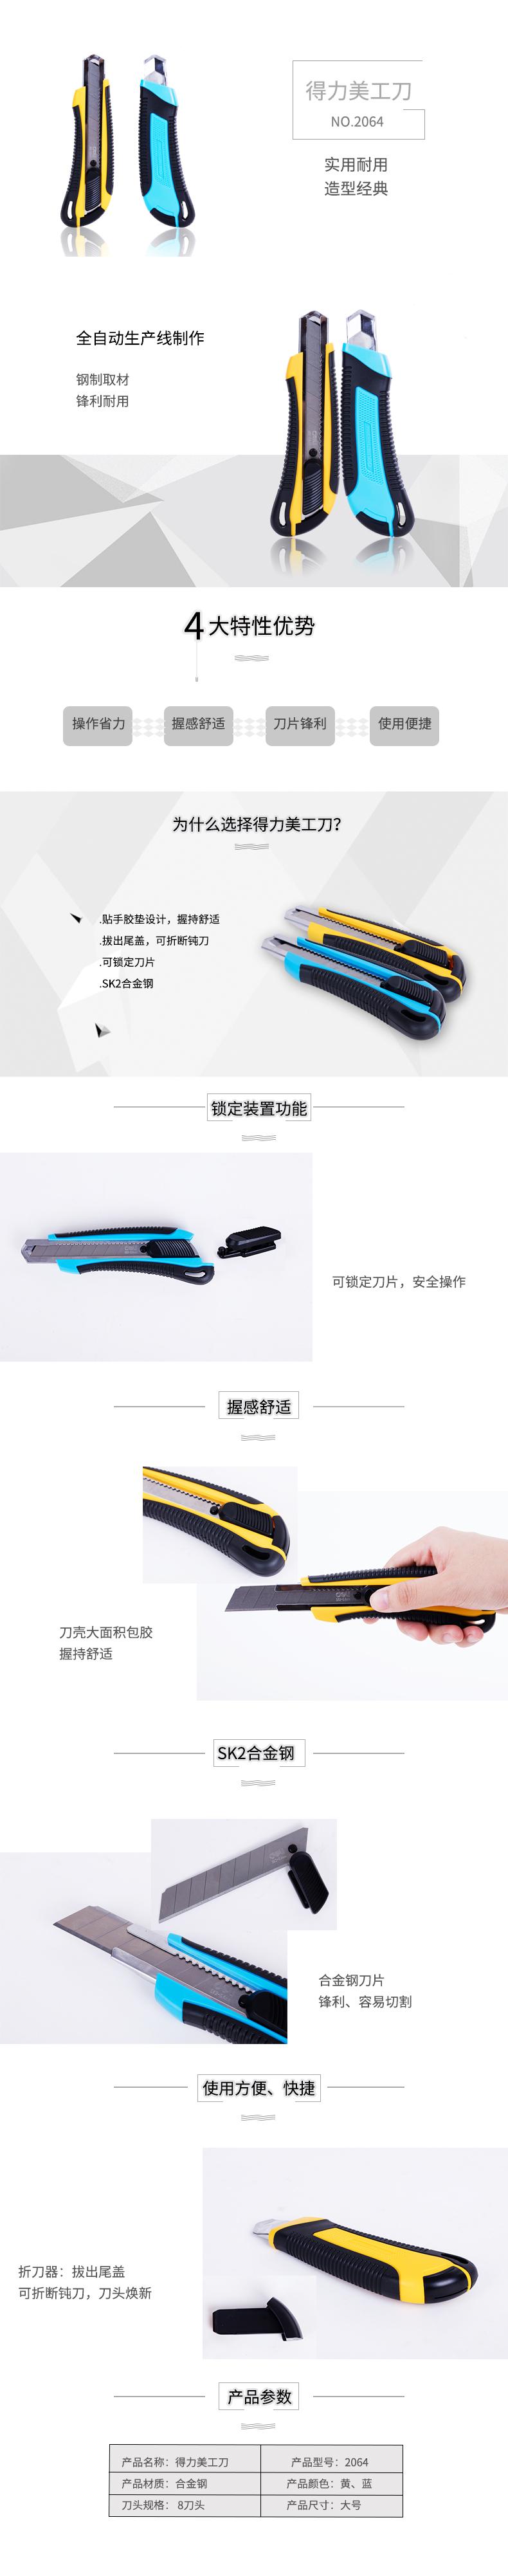 得力2064美工刀(蓝)